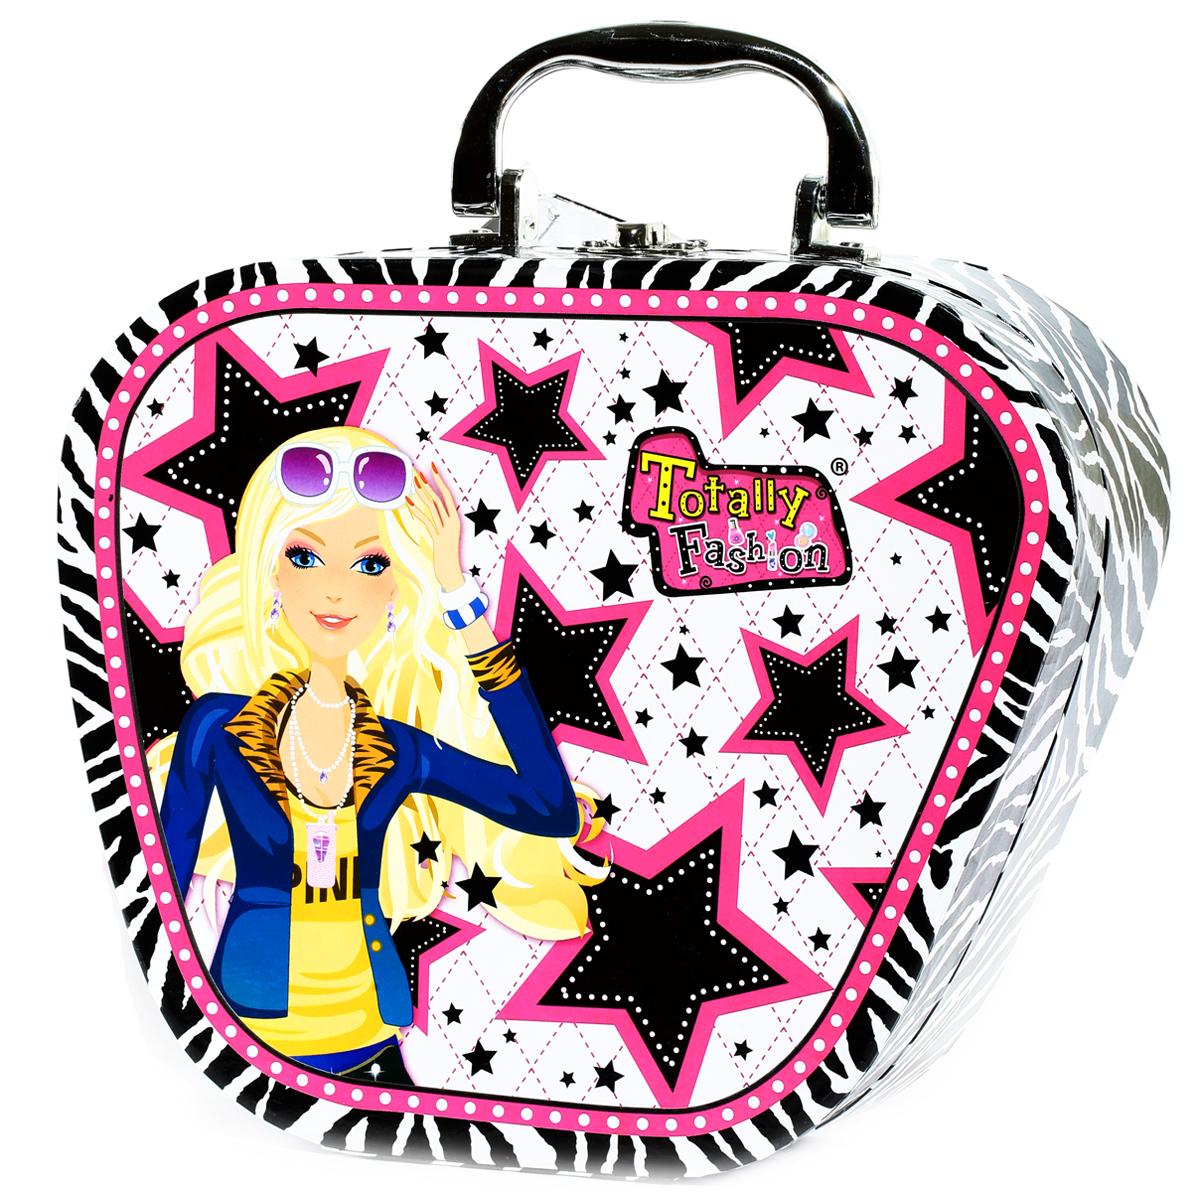 Totally Fashion Набор детской декоративной косметики Делюкс - Для детей